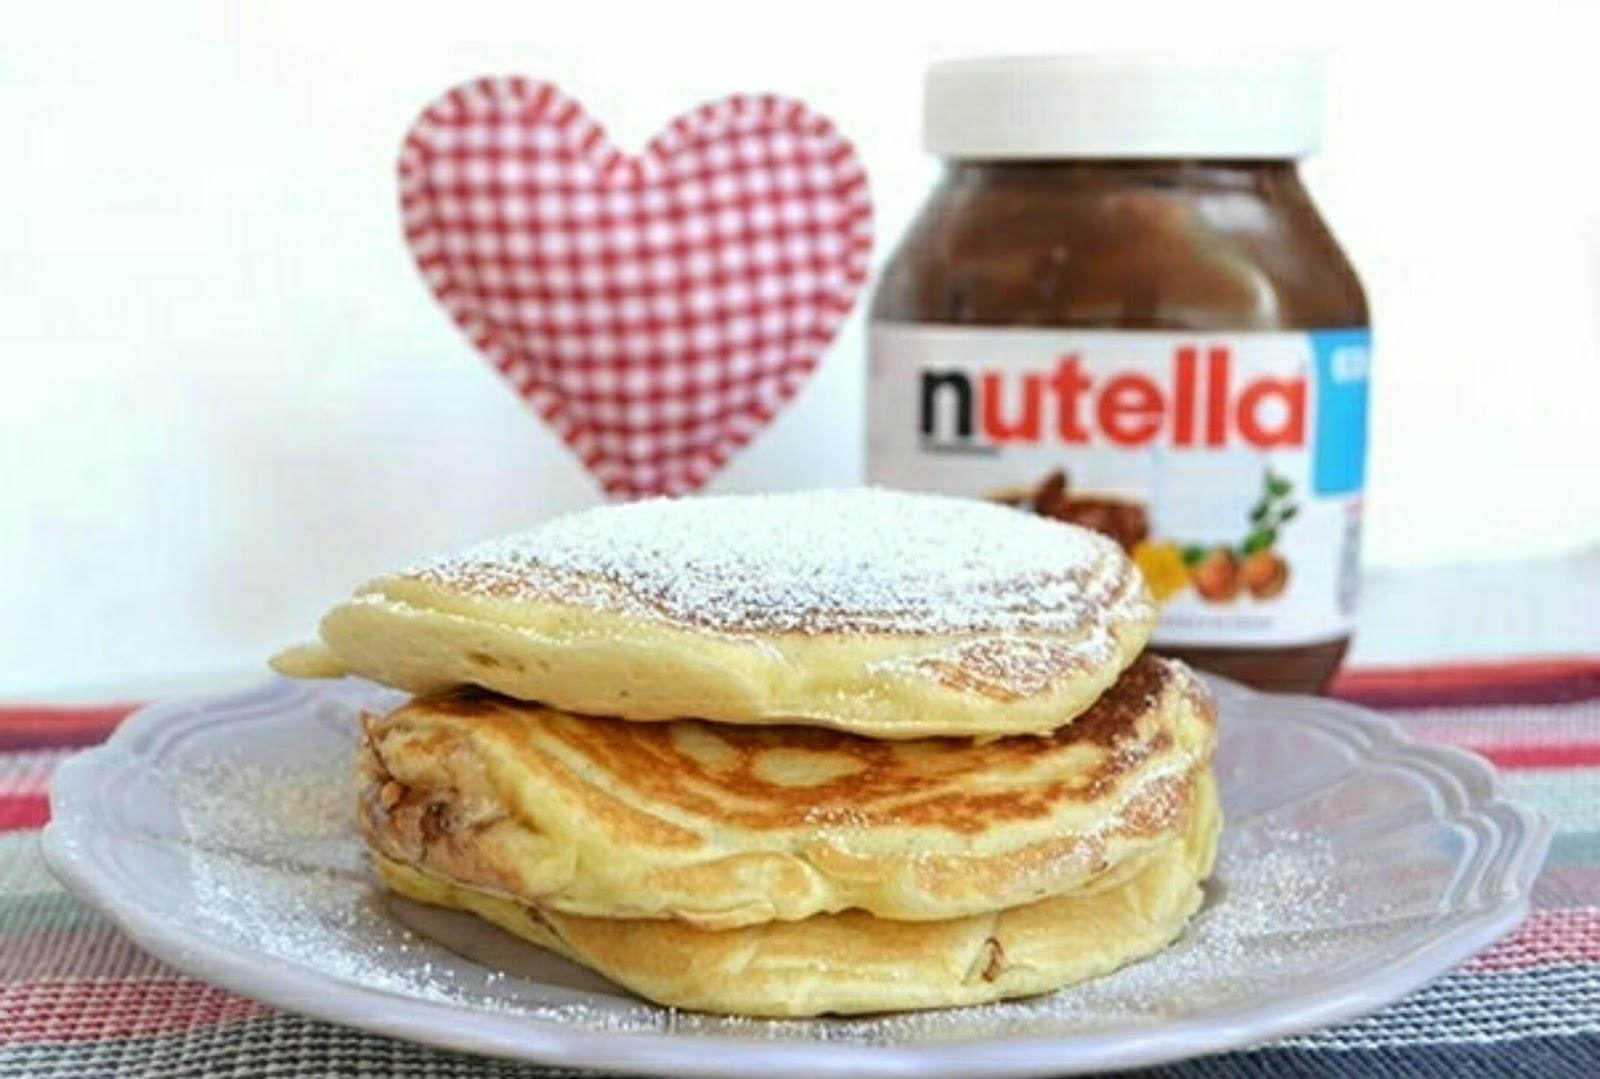 Lampada Barattolo Nutella Concorso : Metamorphose concept fitness wellness & lifestyle blogger: lo